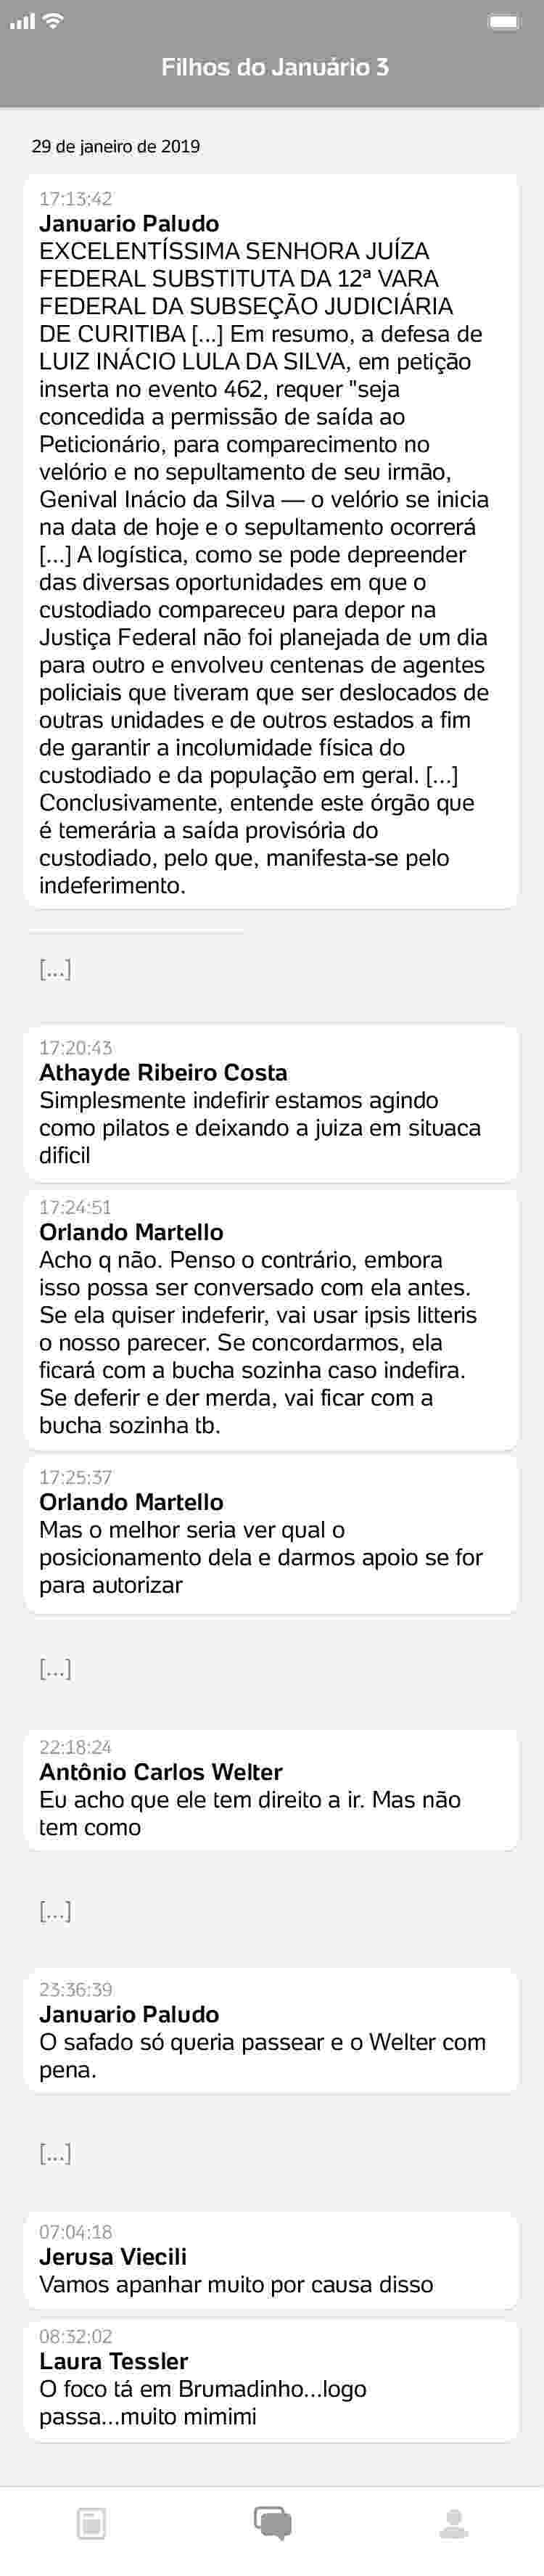 conversa7_750x3550 Procuradores da Lava Jato ironizam morte de Marisa Letícia e luto de Lula